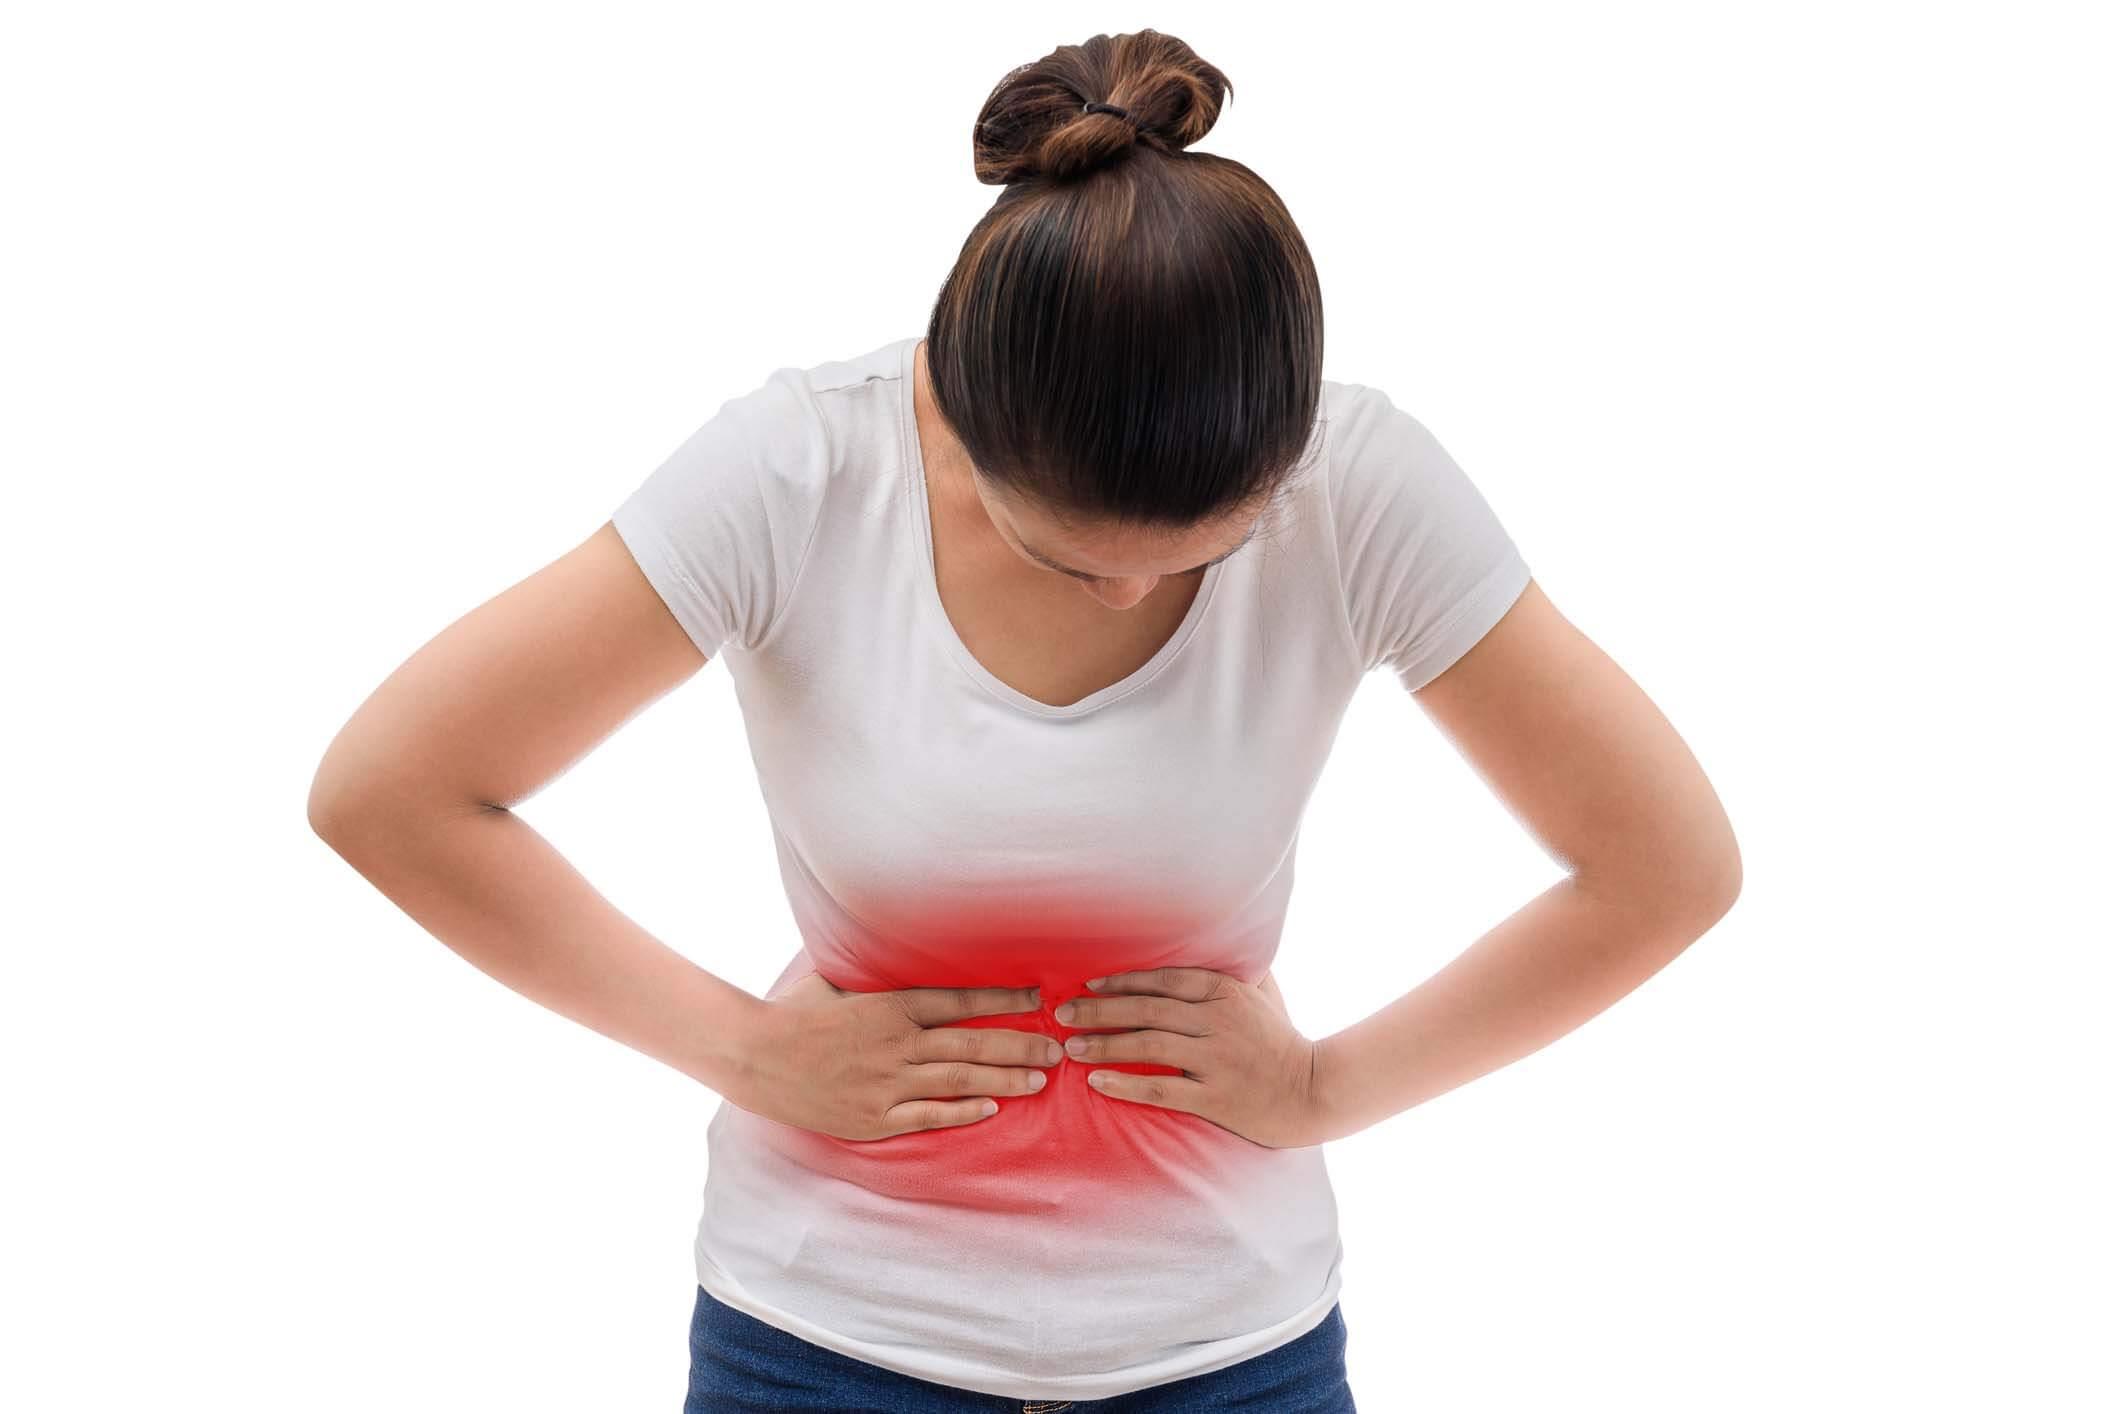 Đau bụng kinh có ảnh hưởng đến khả năng mang thai không